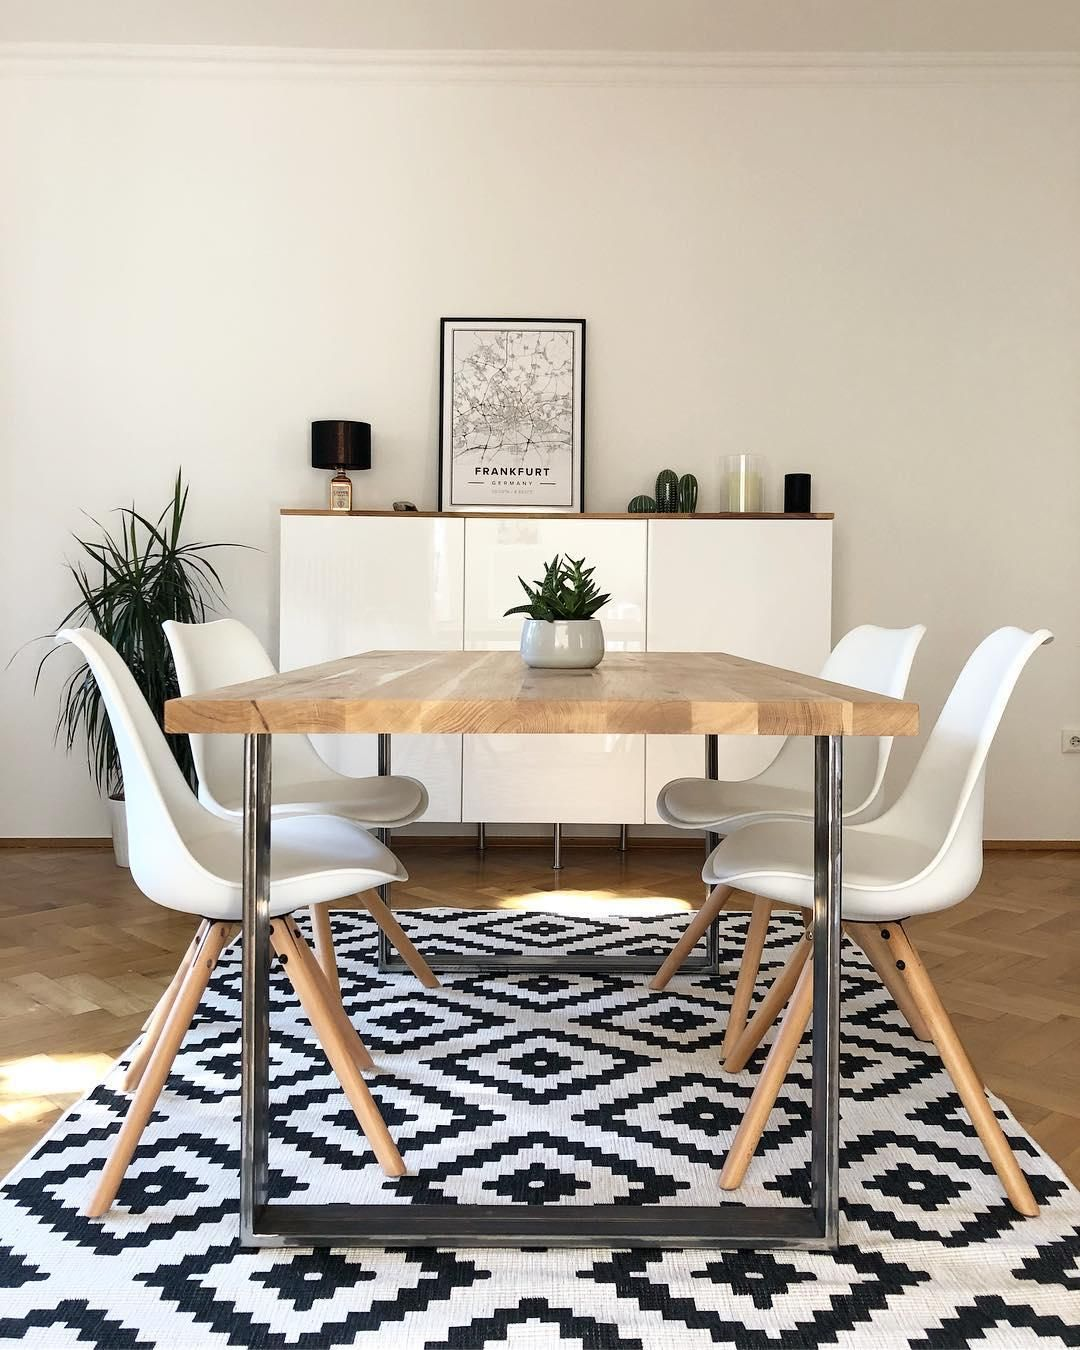 St hle max 2 st ck in 2019 esszimmer deko esszimmer for Deko wohnzimmer esszimmer